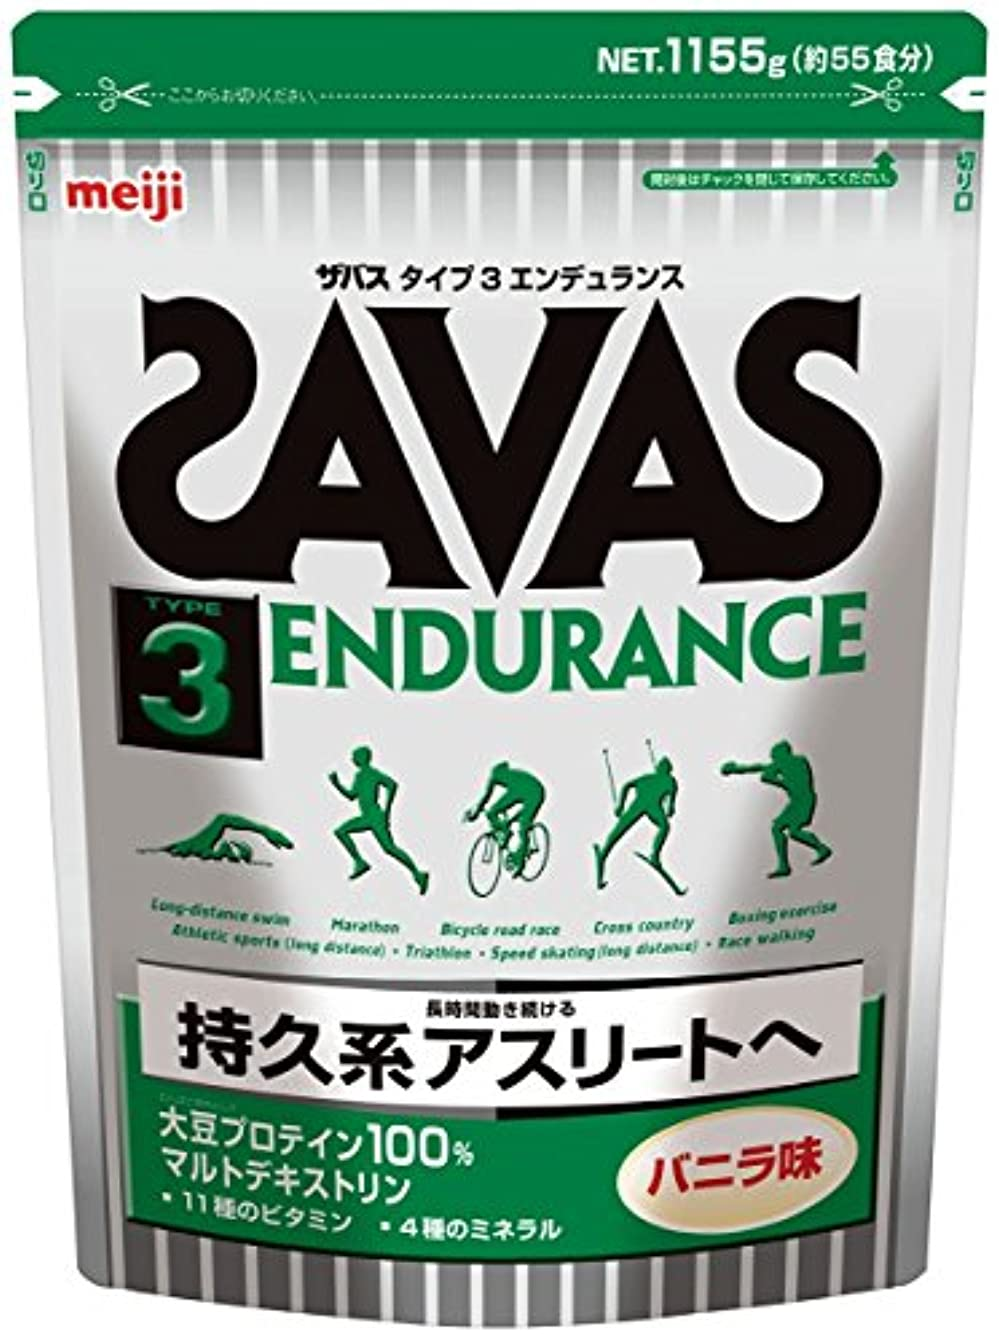 血統明るくする不調和ザバス(SAVAS) タイプ3エンデュランス ソイプロテイン+マルトデキストリン バニラ味 【55回分】 1,155g